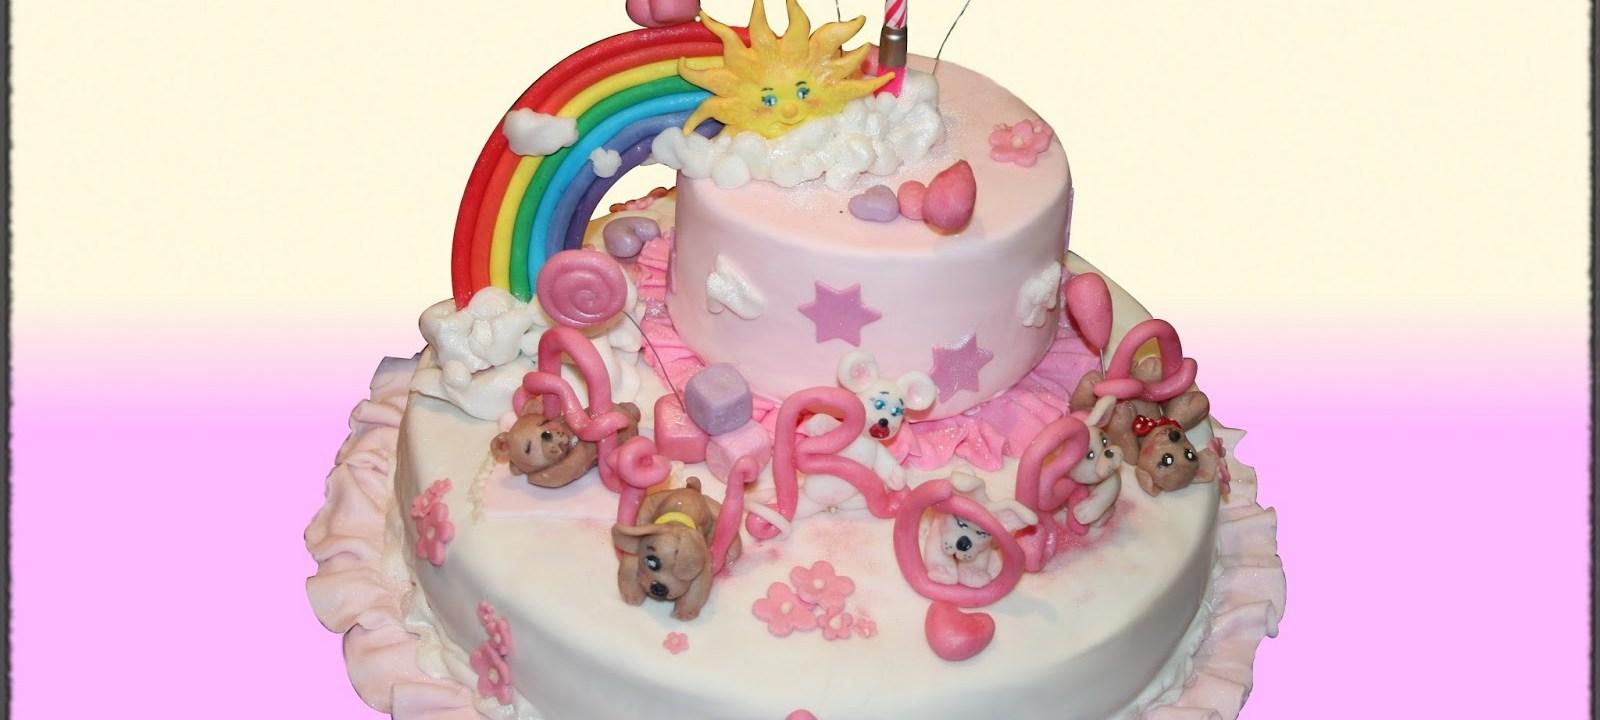 Buon primo compleanno... con una MUD CAKE